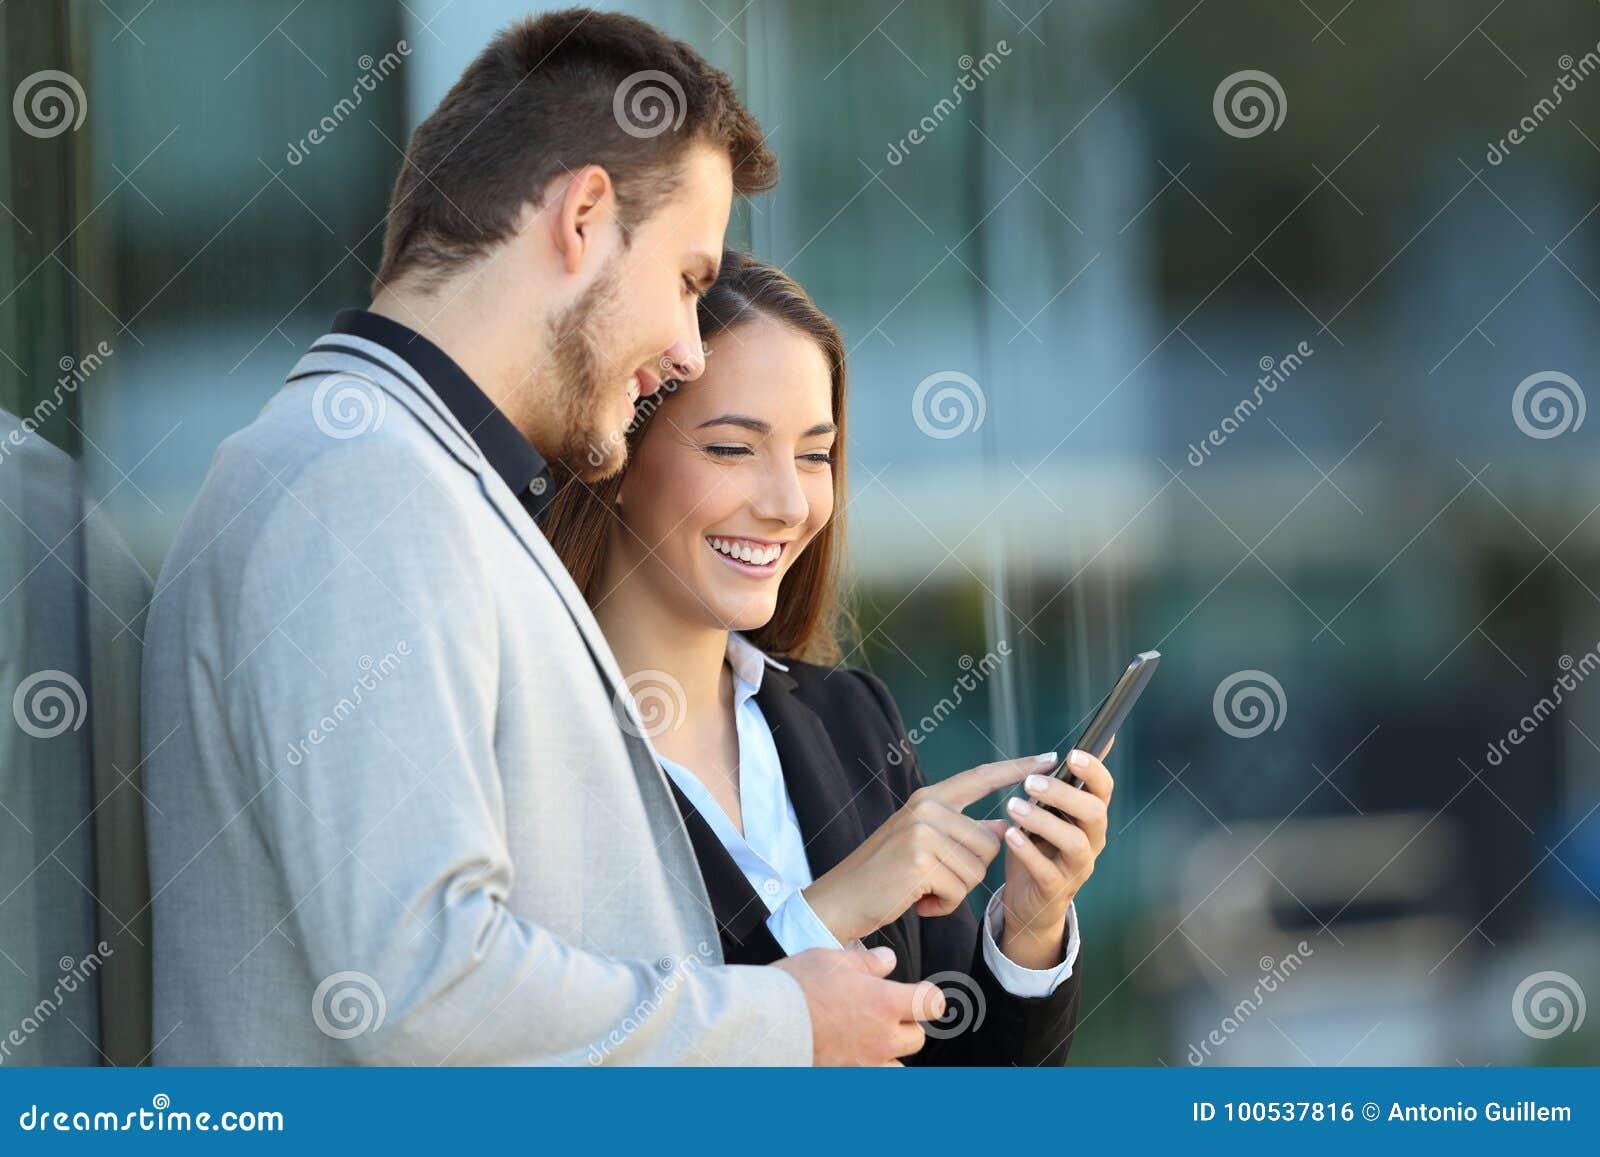 Δύο ανώτεροι υπάλληλοι που χρησιμοποιούν ένα κινητό τηλέφωνο στην οδό